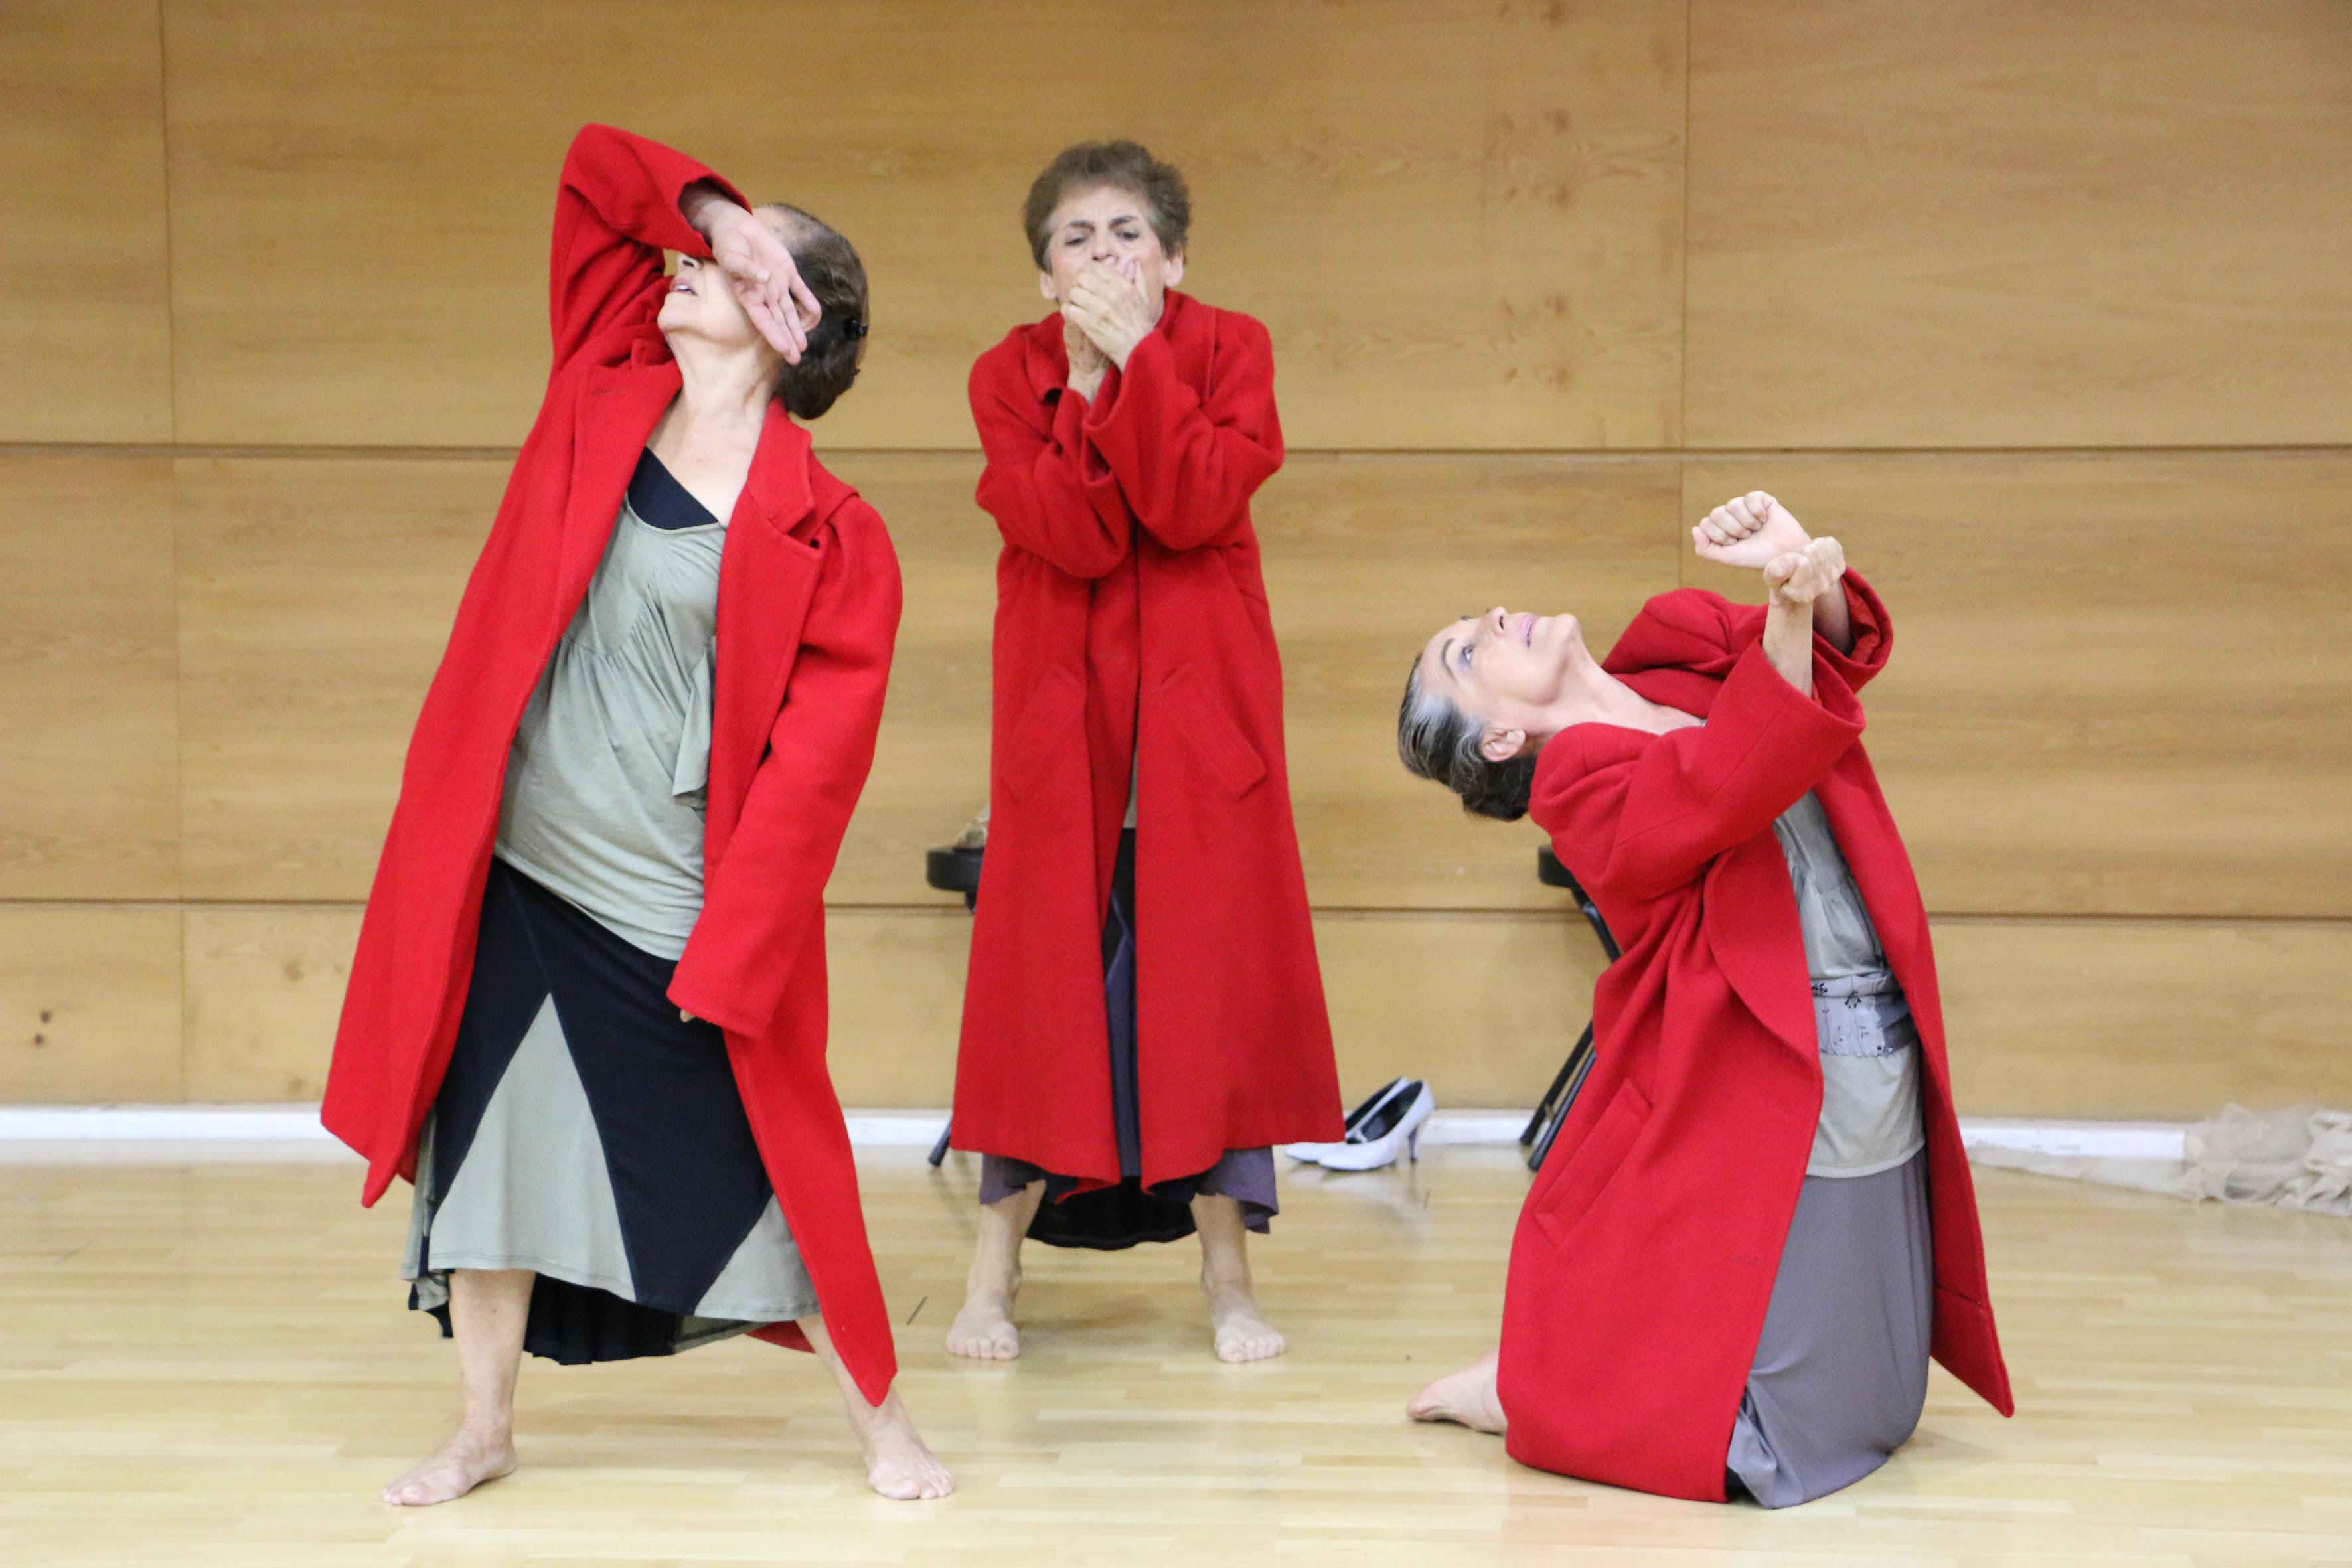 Compañía de danza Generación del ayer